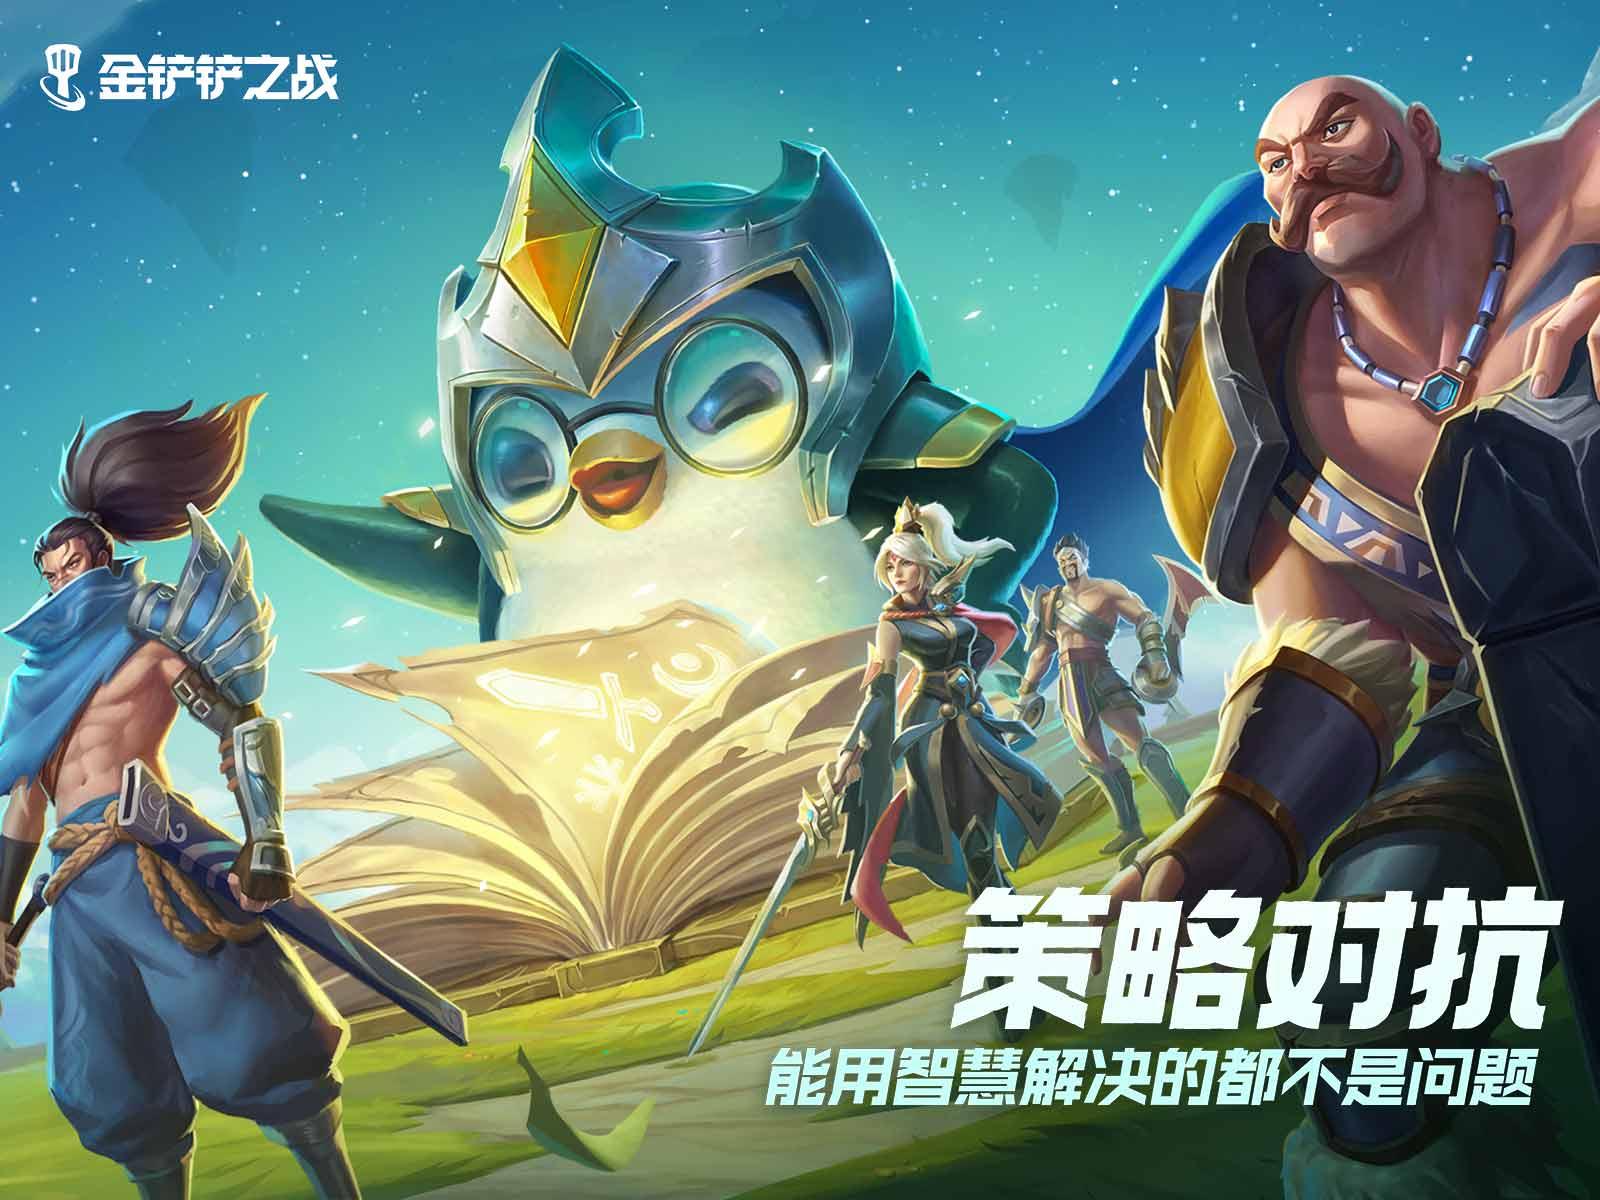 每局比赛由八名玩家共同进行一场各自为战的博弈对抗,玩家通过招兵买马,融合英雄,提升战力,排兵布阵,成为最终立于战场上的赢家。